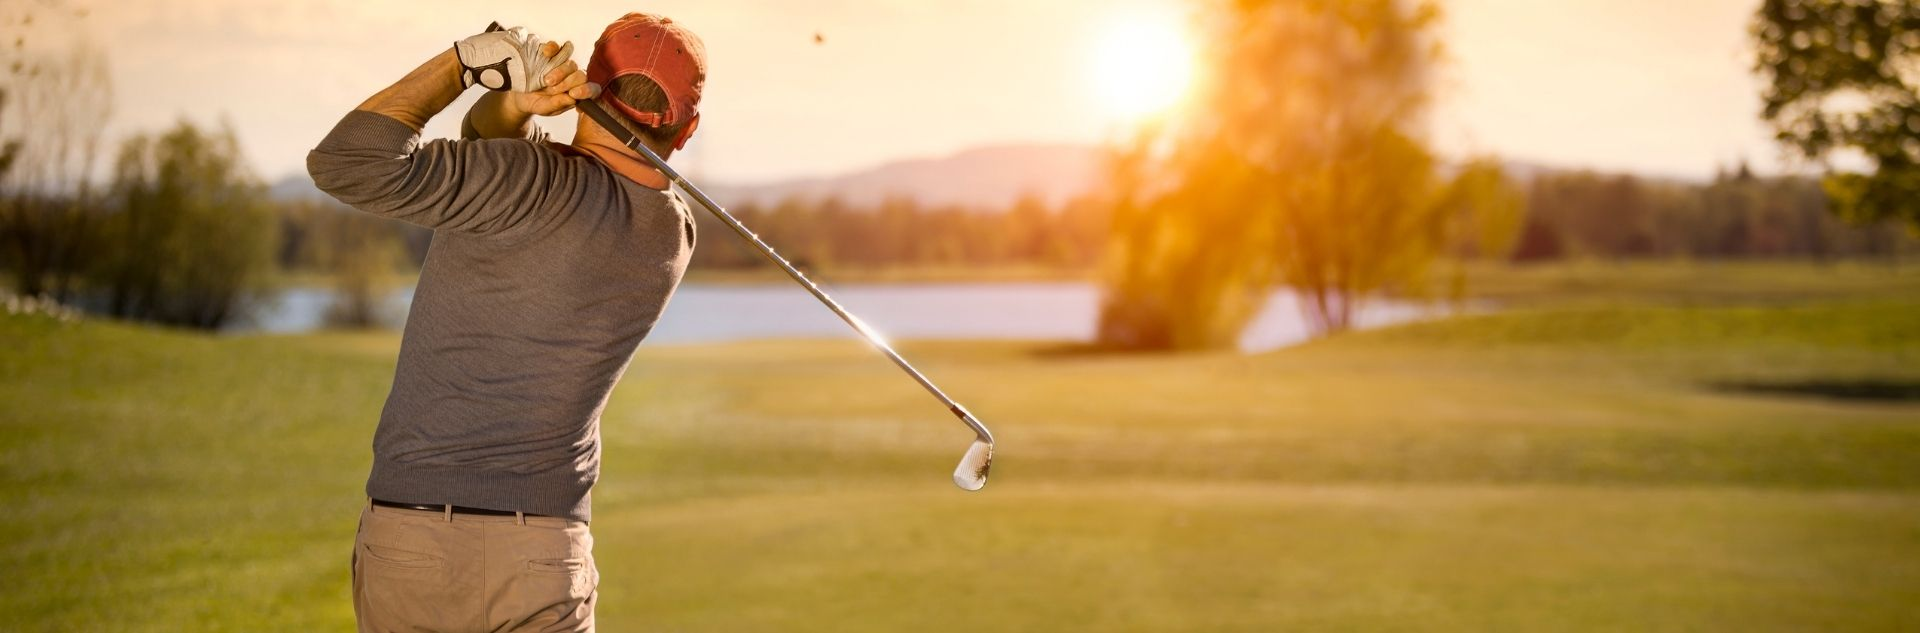 Golfreisen - Golfer bei Sonnenuntergang